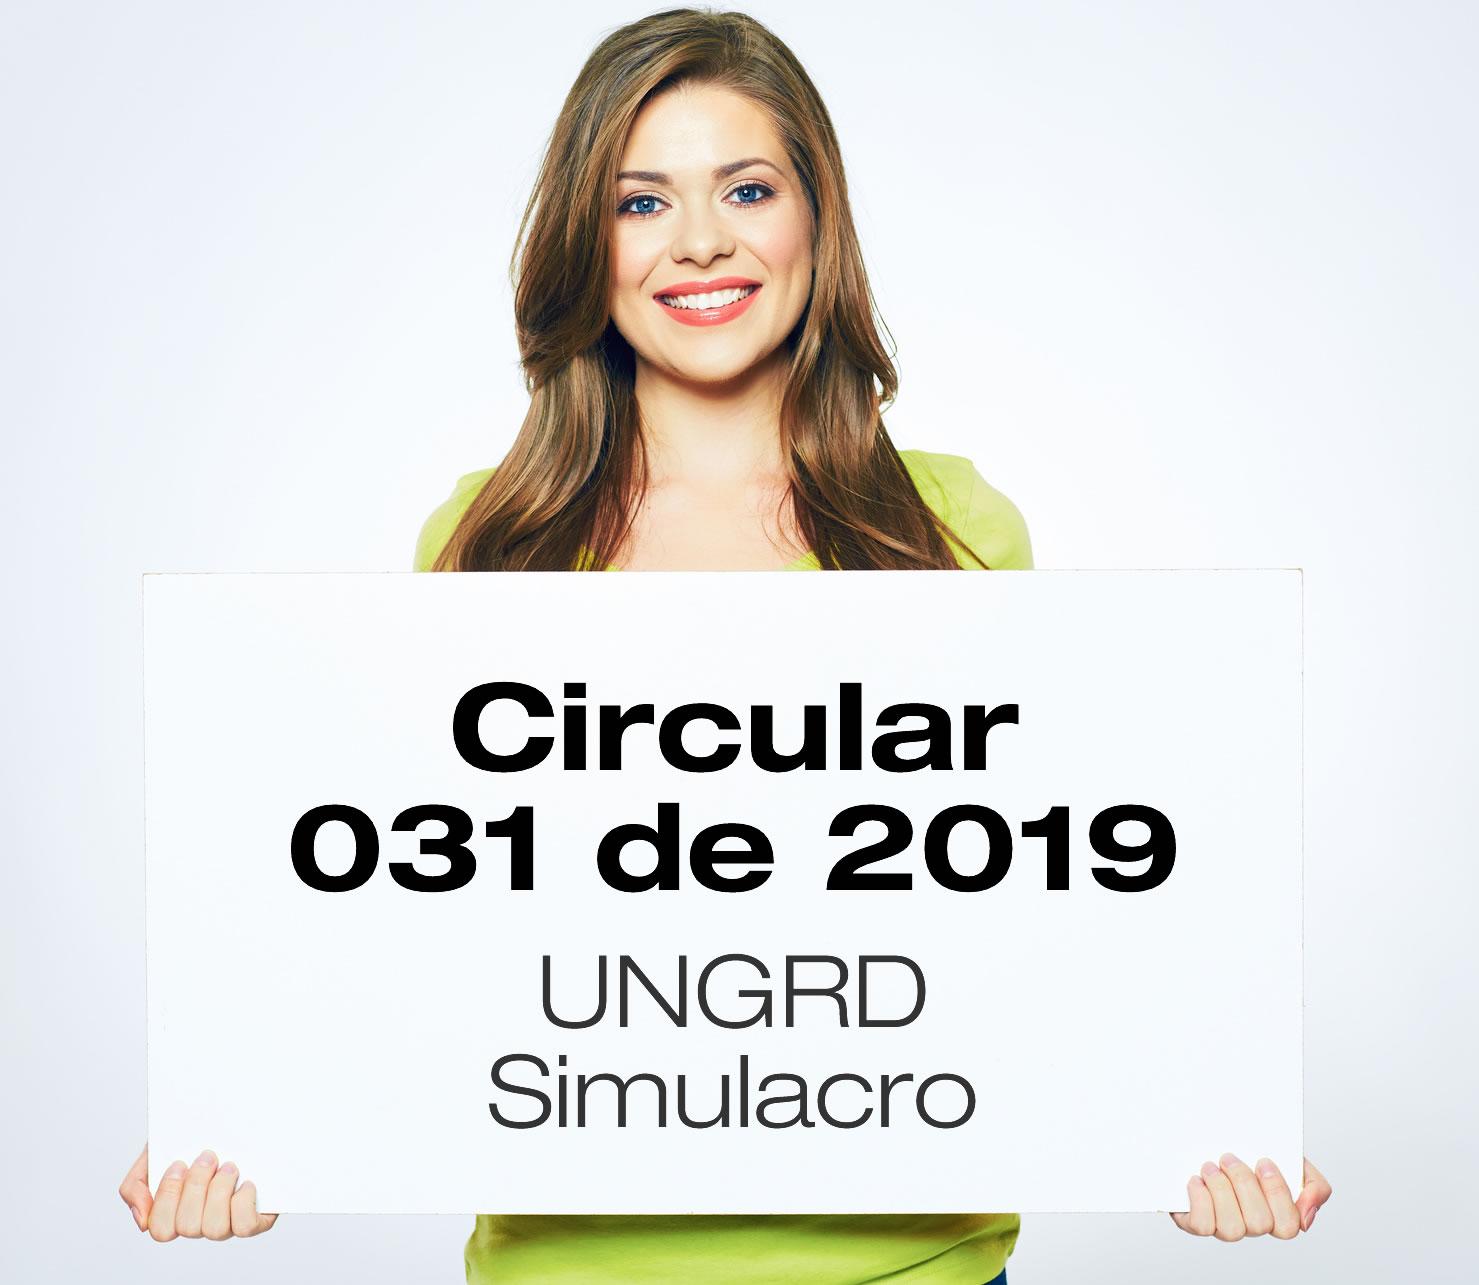 La Circular 031 de 2019 establece la fecha del simulacro nacional de evacuación